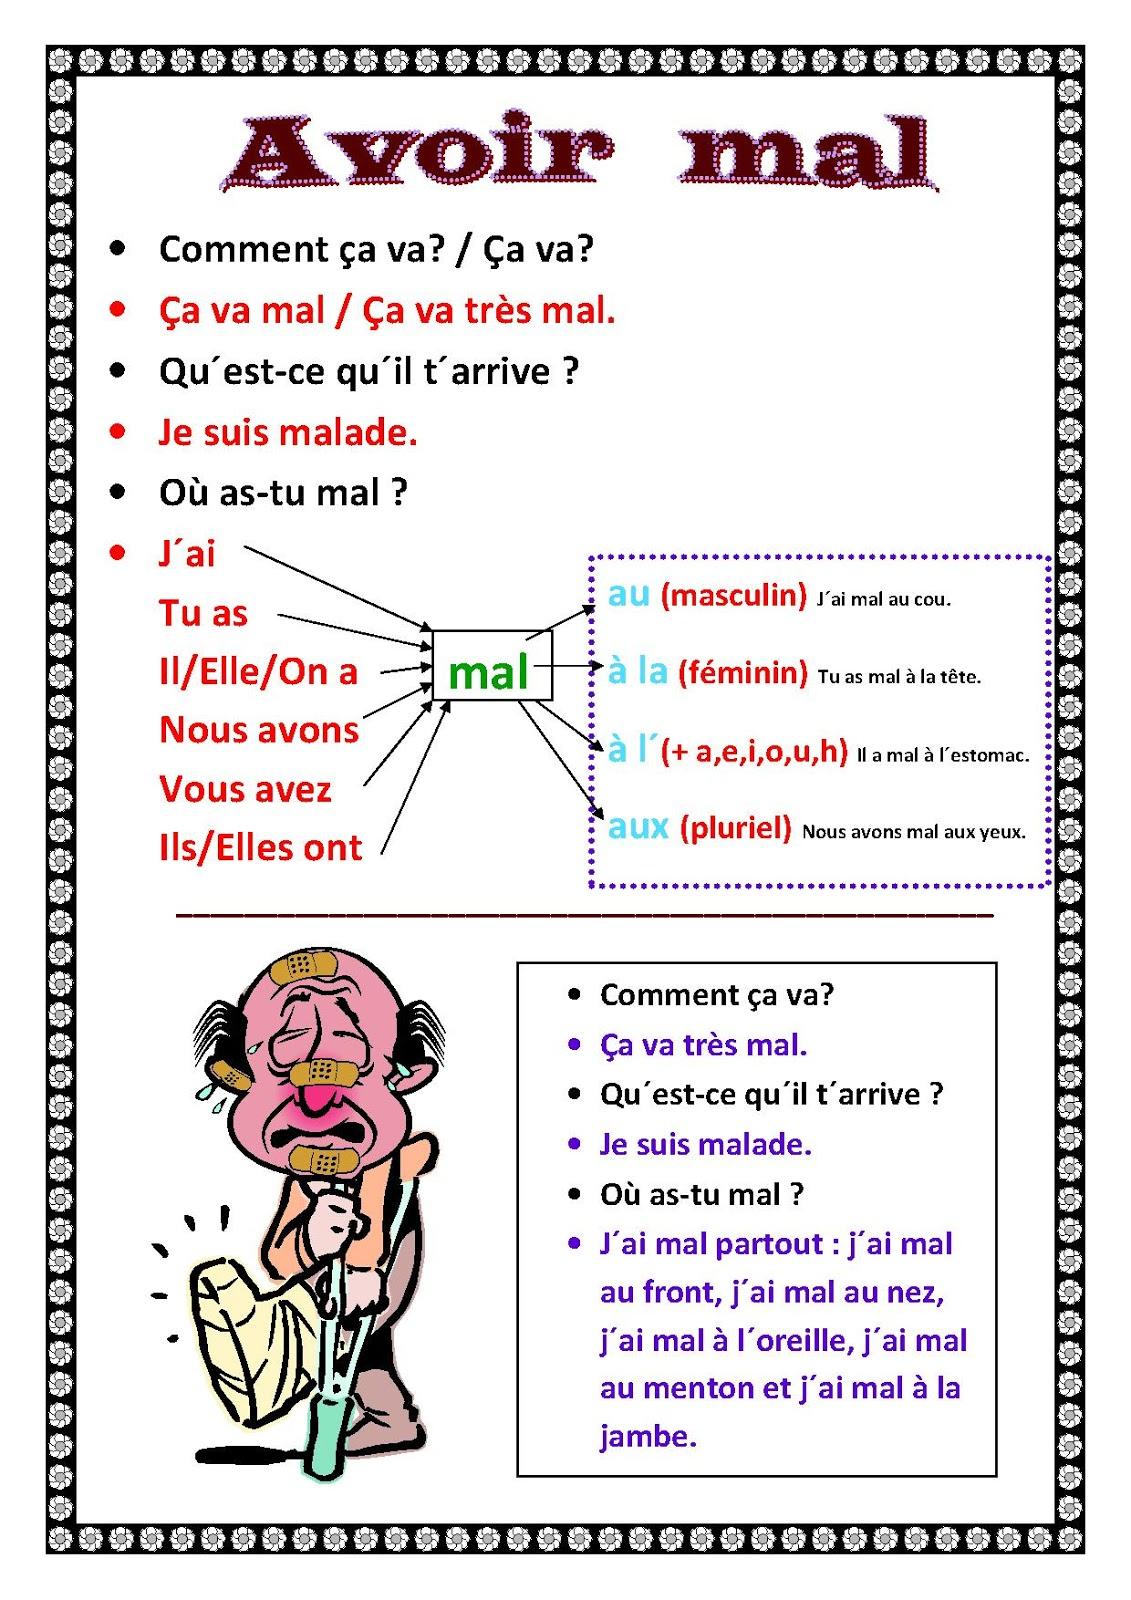 Unterrichtsmaterial Für Französisch In Der Grundschule tout Bonjour Monsieur Comment Ca Va